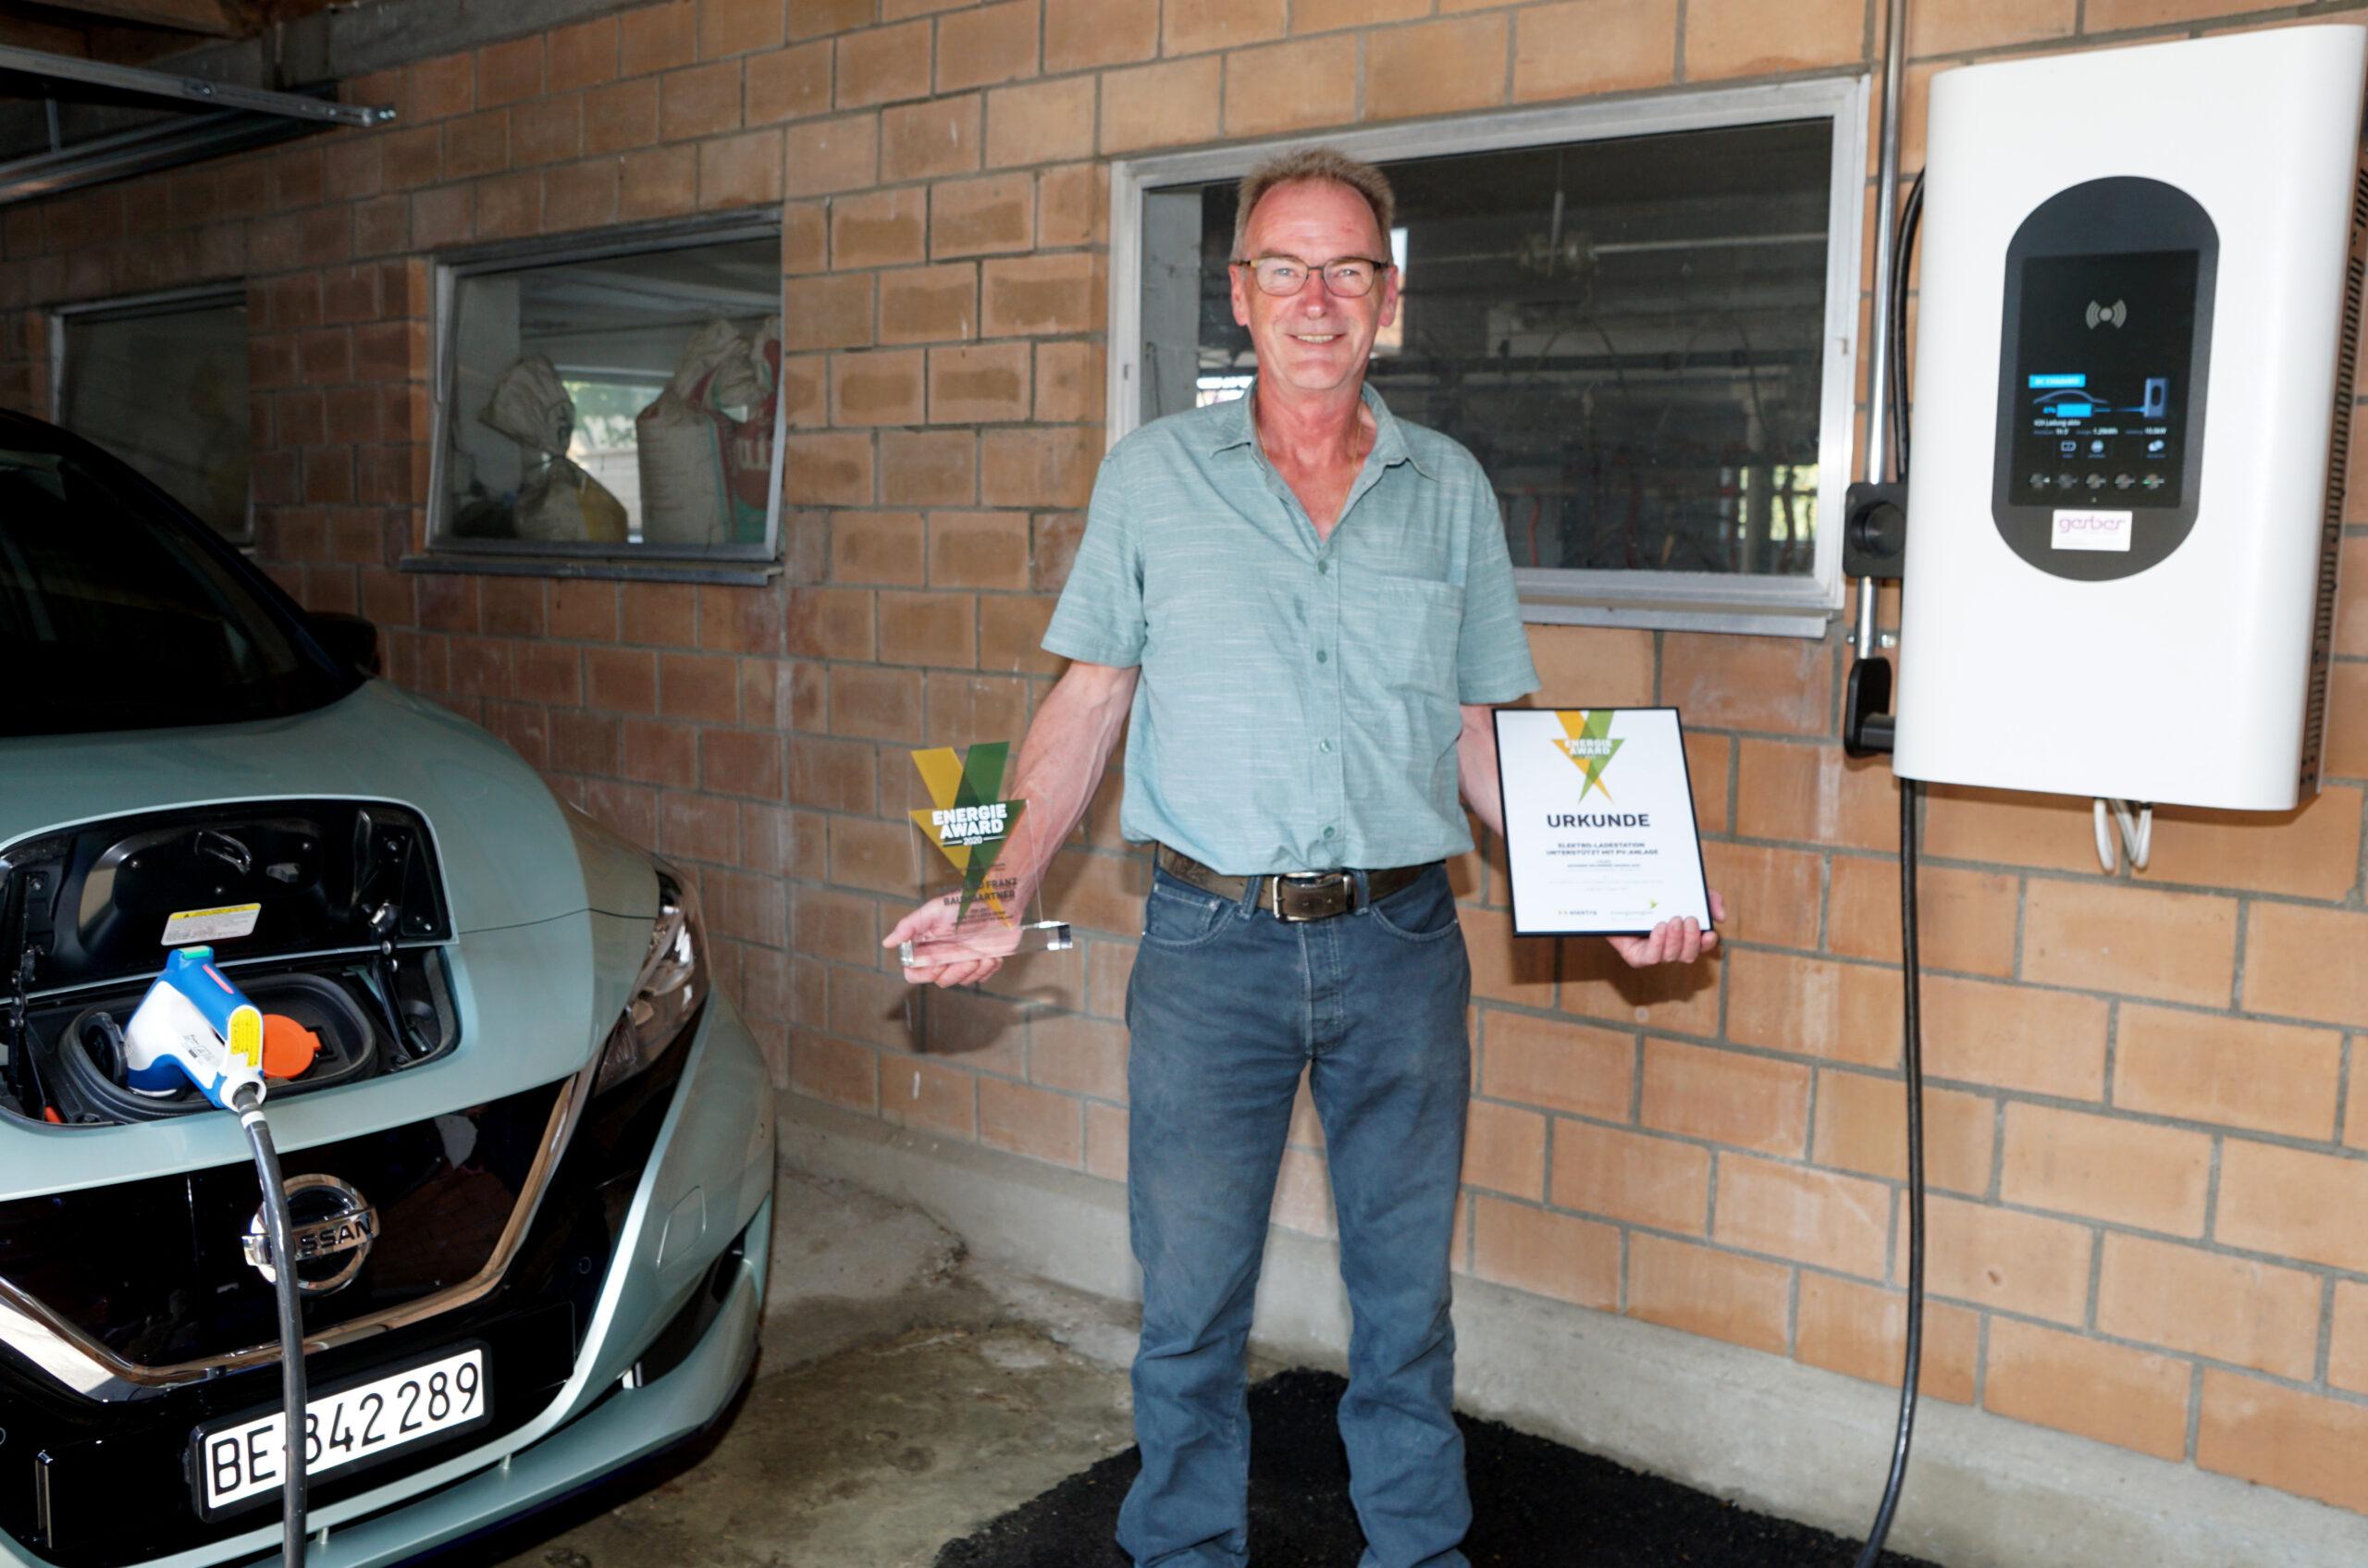 Franz Baumgartner aus Moosseedorf steht zwischen Ladestation und Elektroauto, mit Pokal und Urkunde in den Händen